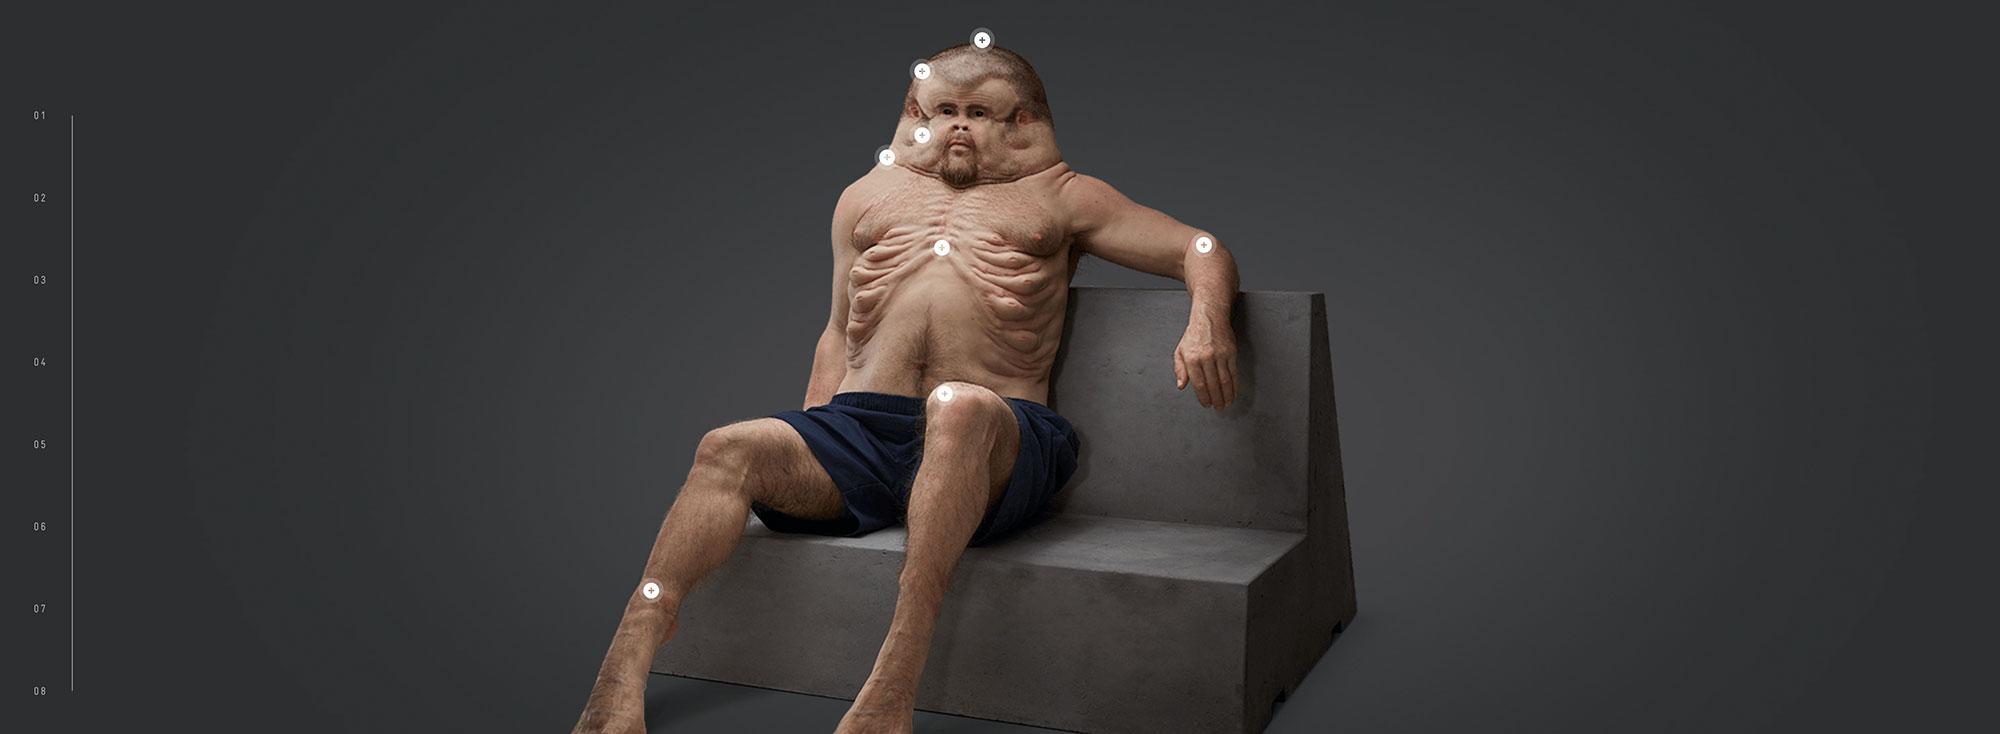 Aufmerksamkeitsstarke Kampagne, die dank der aufregenden, anatomischen Darstellung schockierend gut ist.